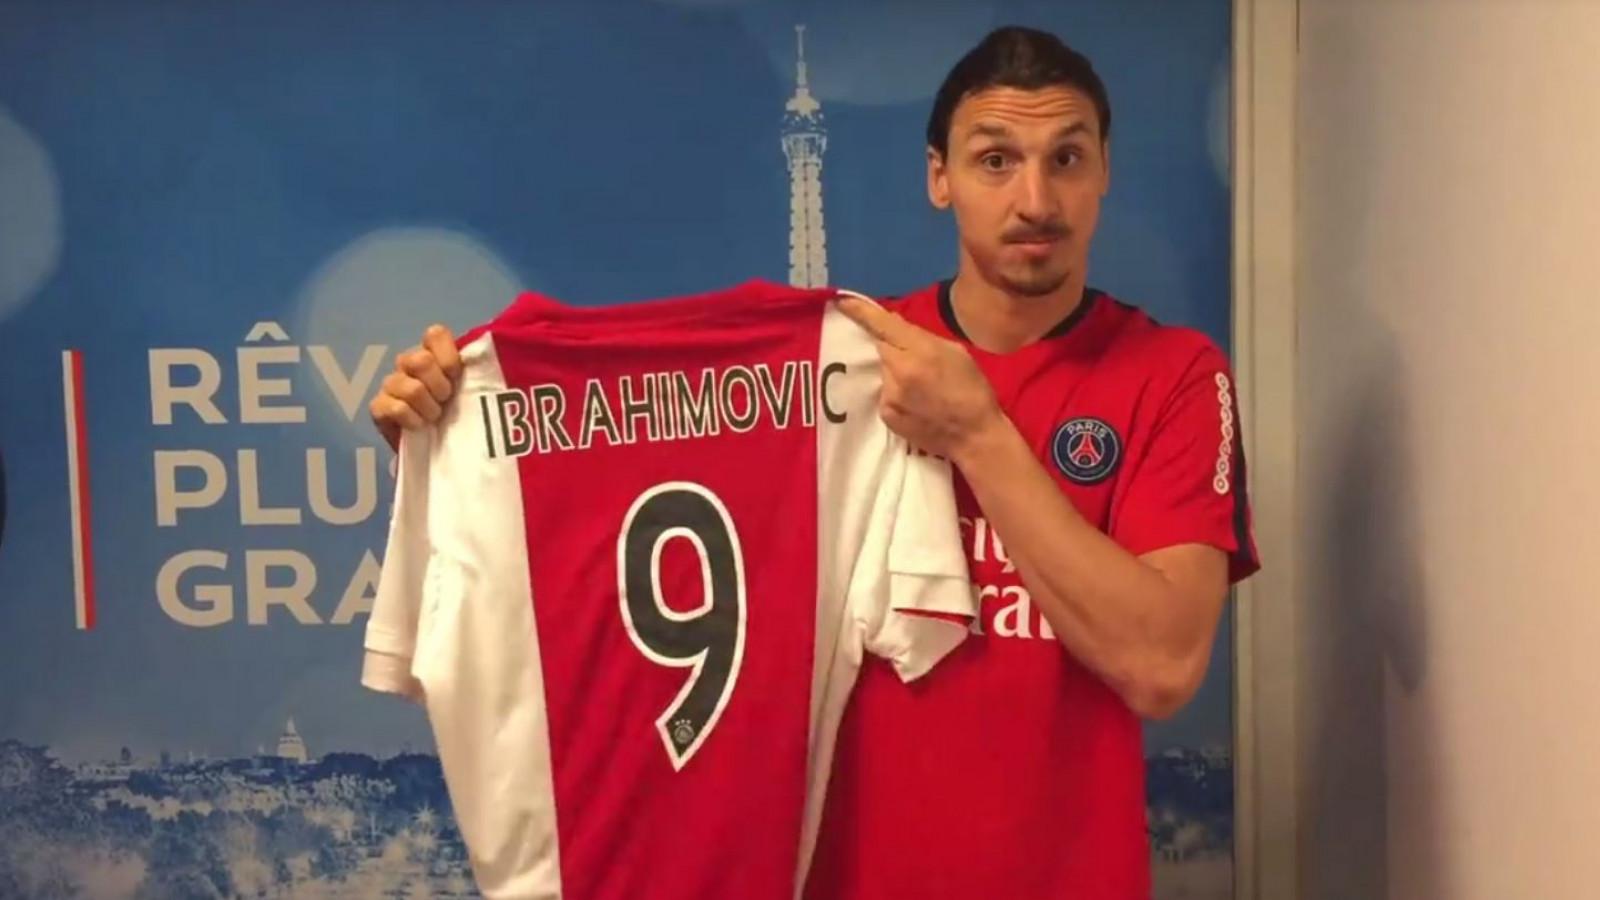 info for 4943a 360c2 Zlatan Ibrahimovic speculeert over terugkeer bij Ajax: 'Je ...